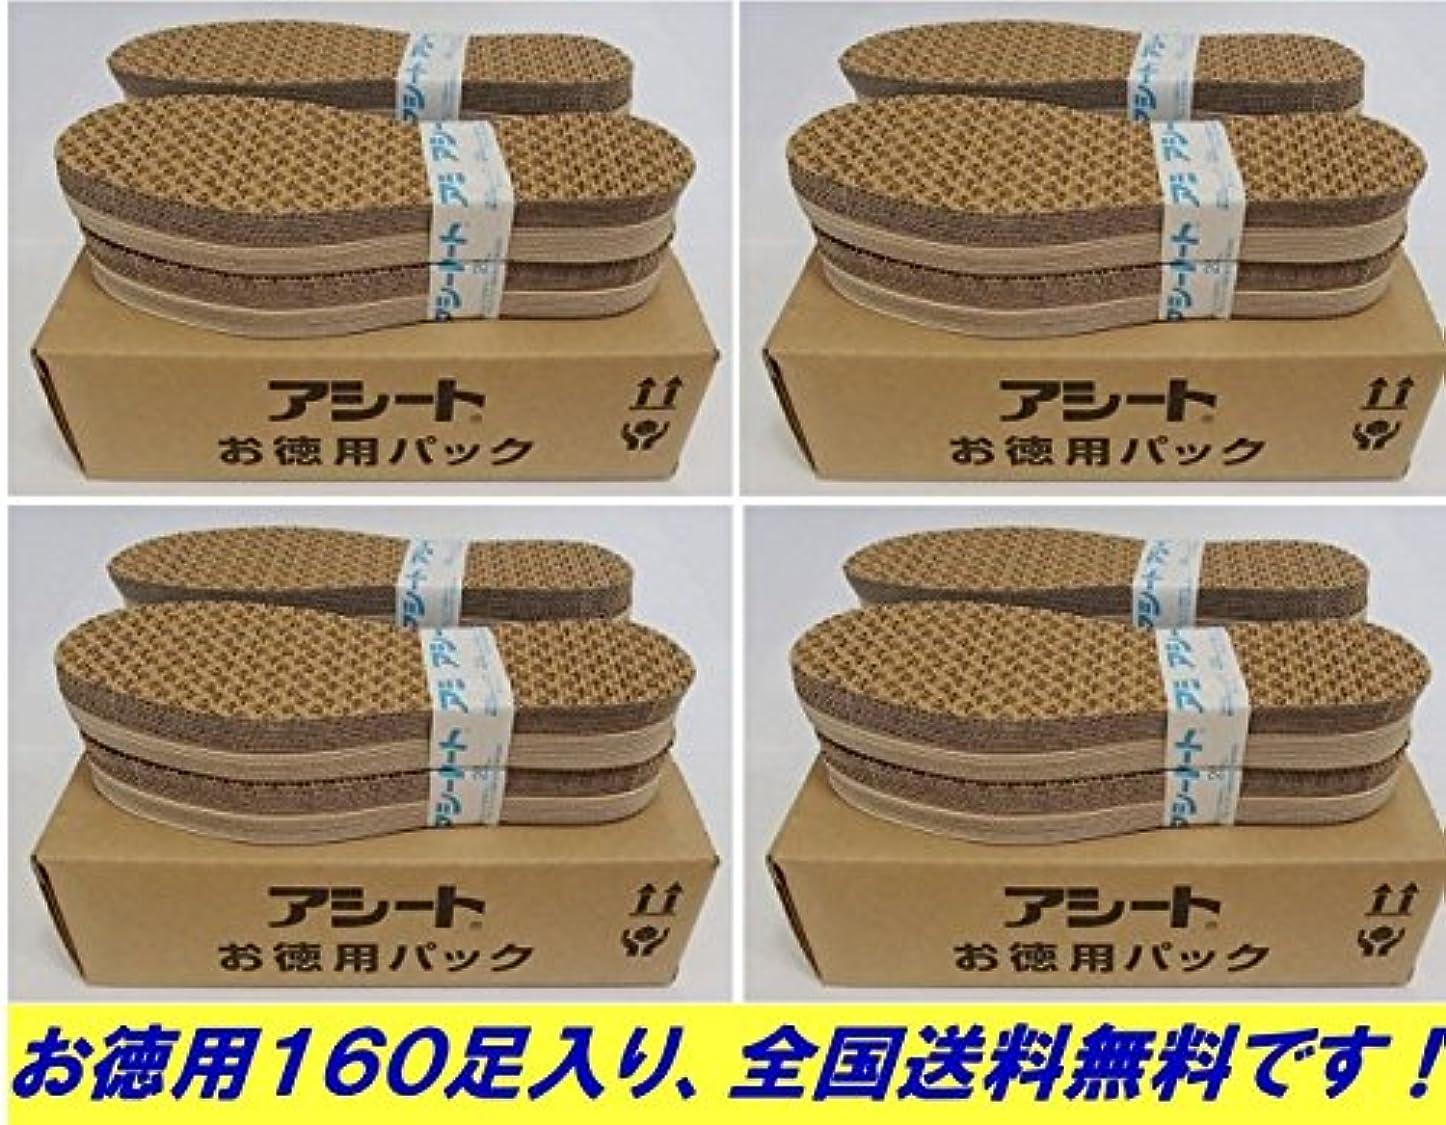 学期キュービック上向きアシートOタイプ40足入お徳用4パックの160足セット (26.5~27cm 男性靴用)